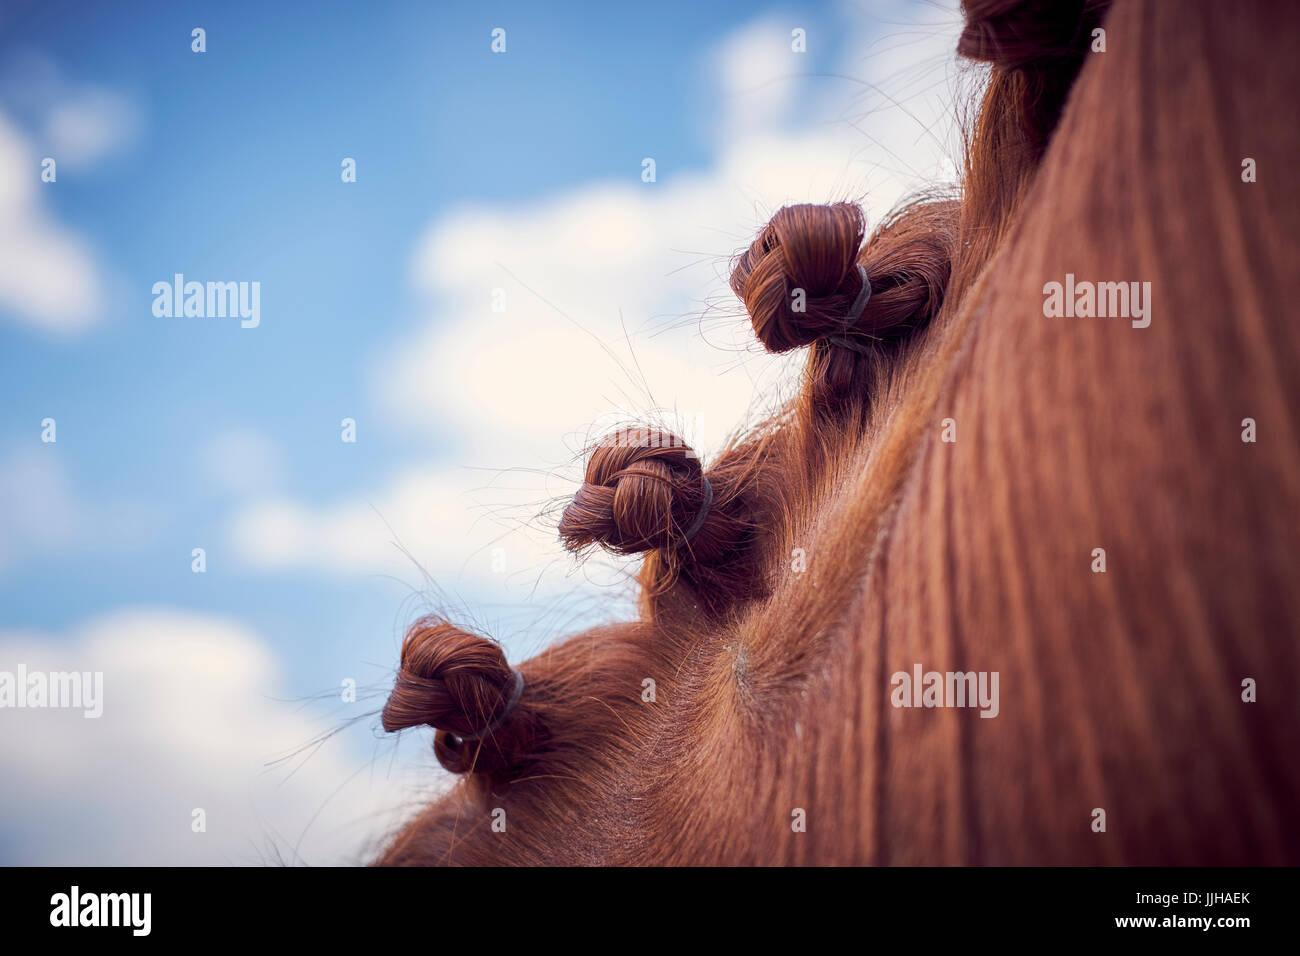 Détail de la tresser sur la crinière d'un cheval. Photo Stock